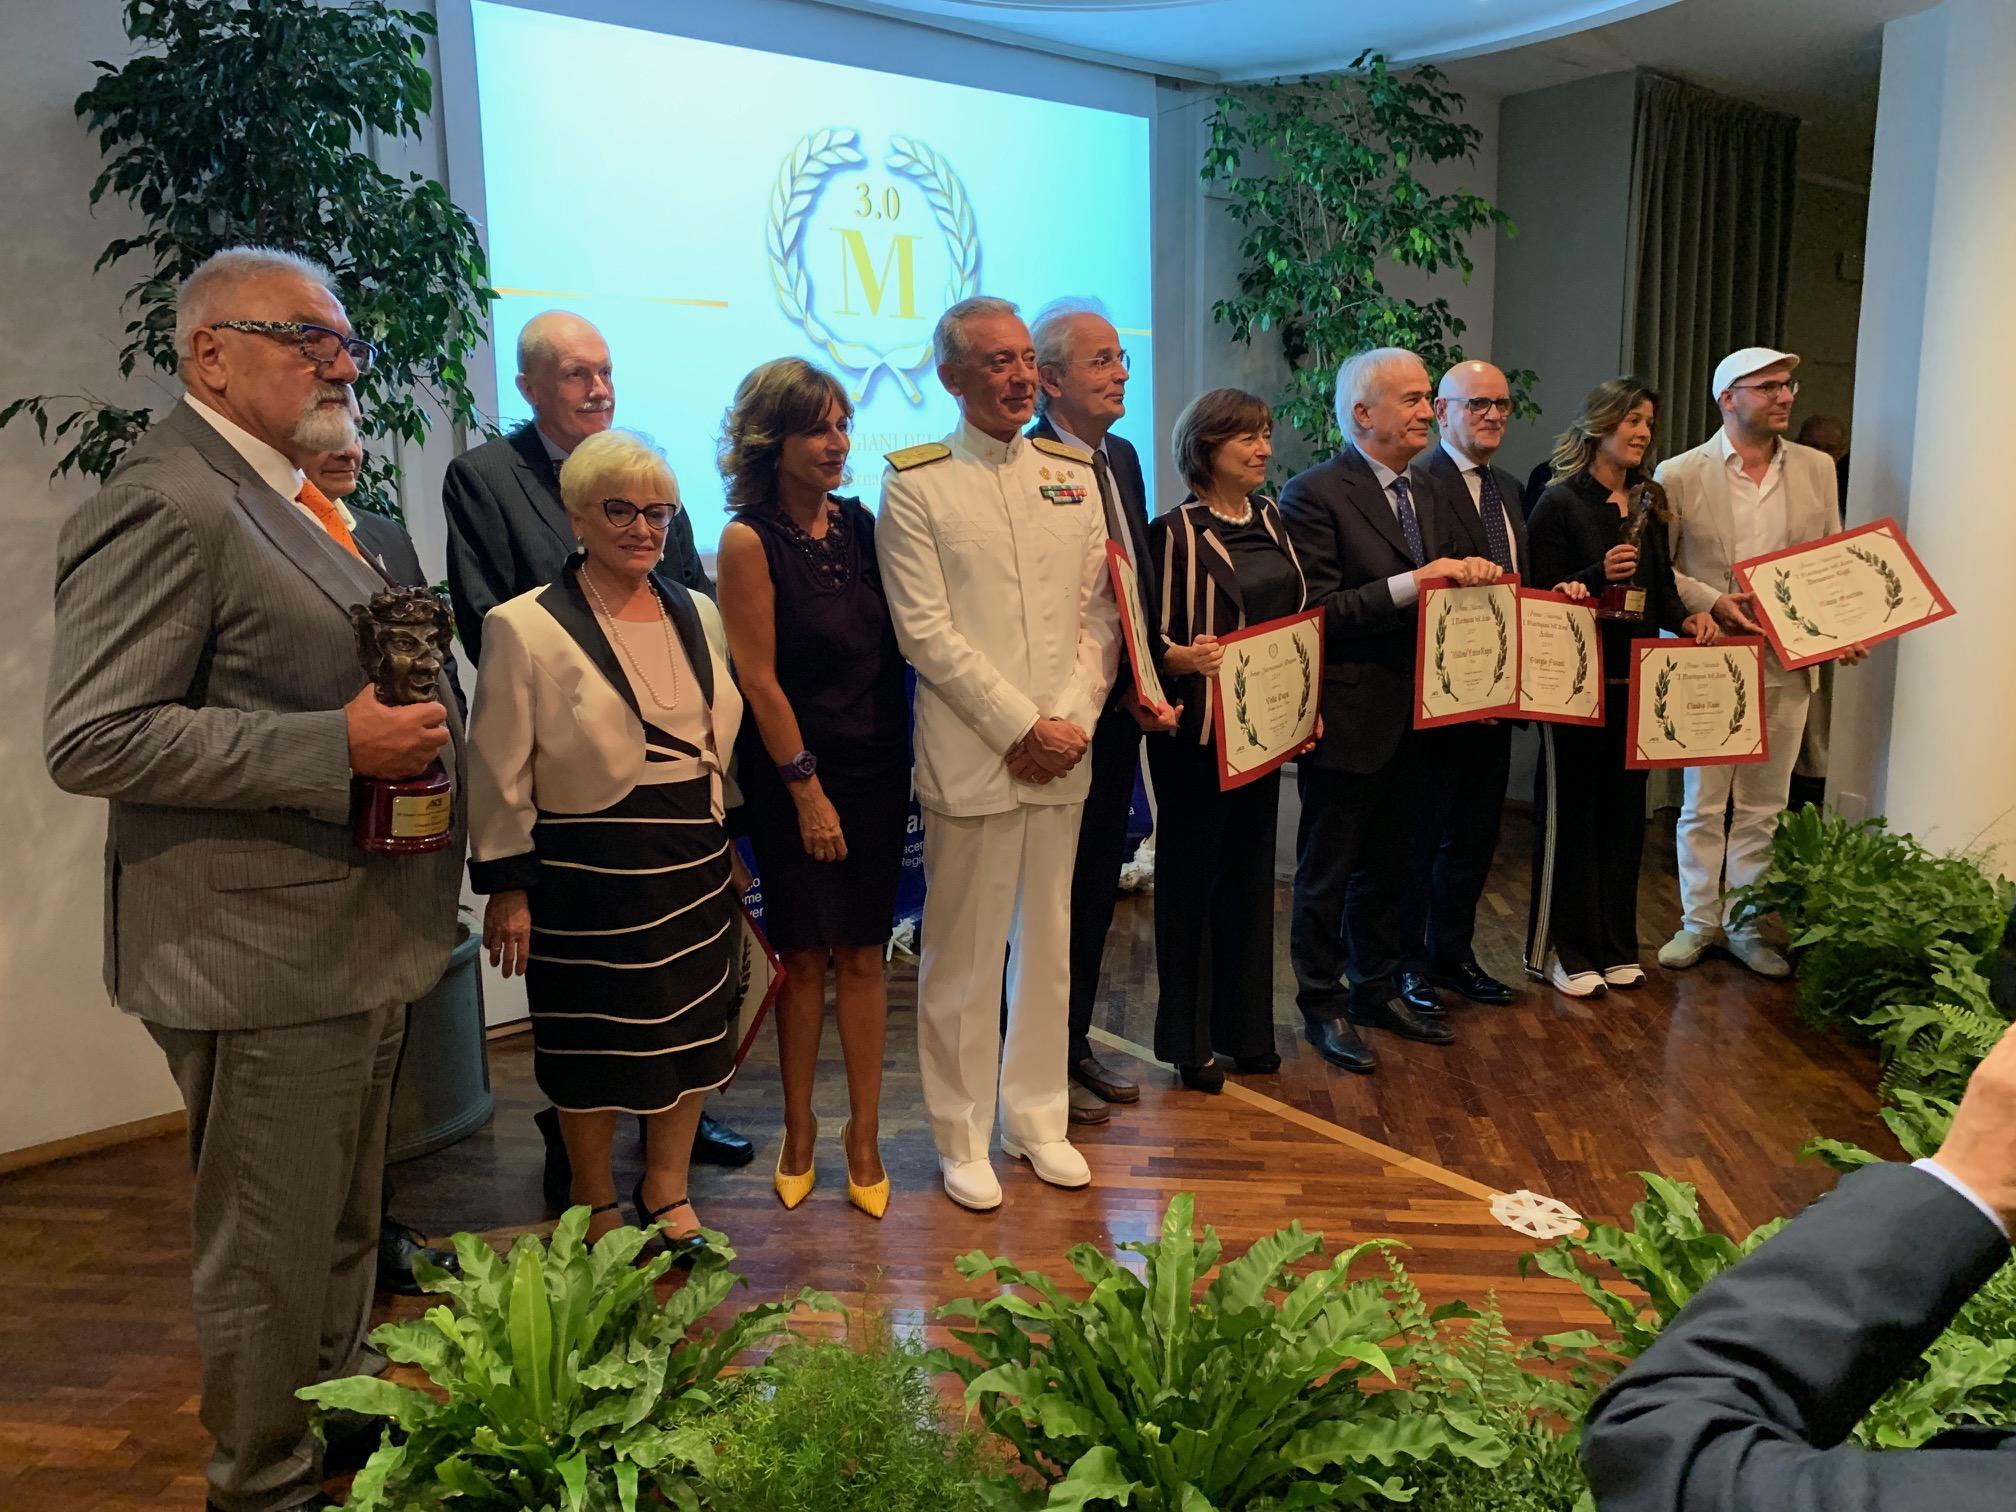 """L'azienda Sabelli premiata con il riconoscimento """"I marchigiani dell'anno"""""""